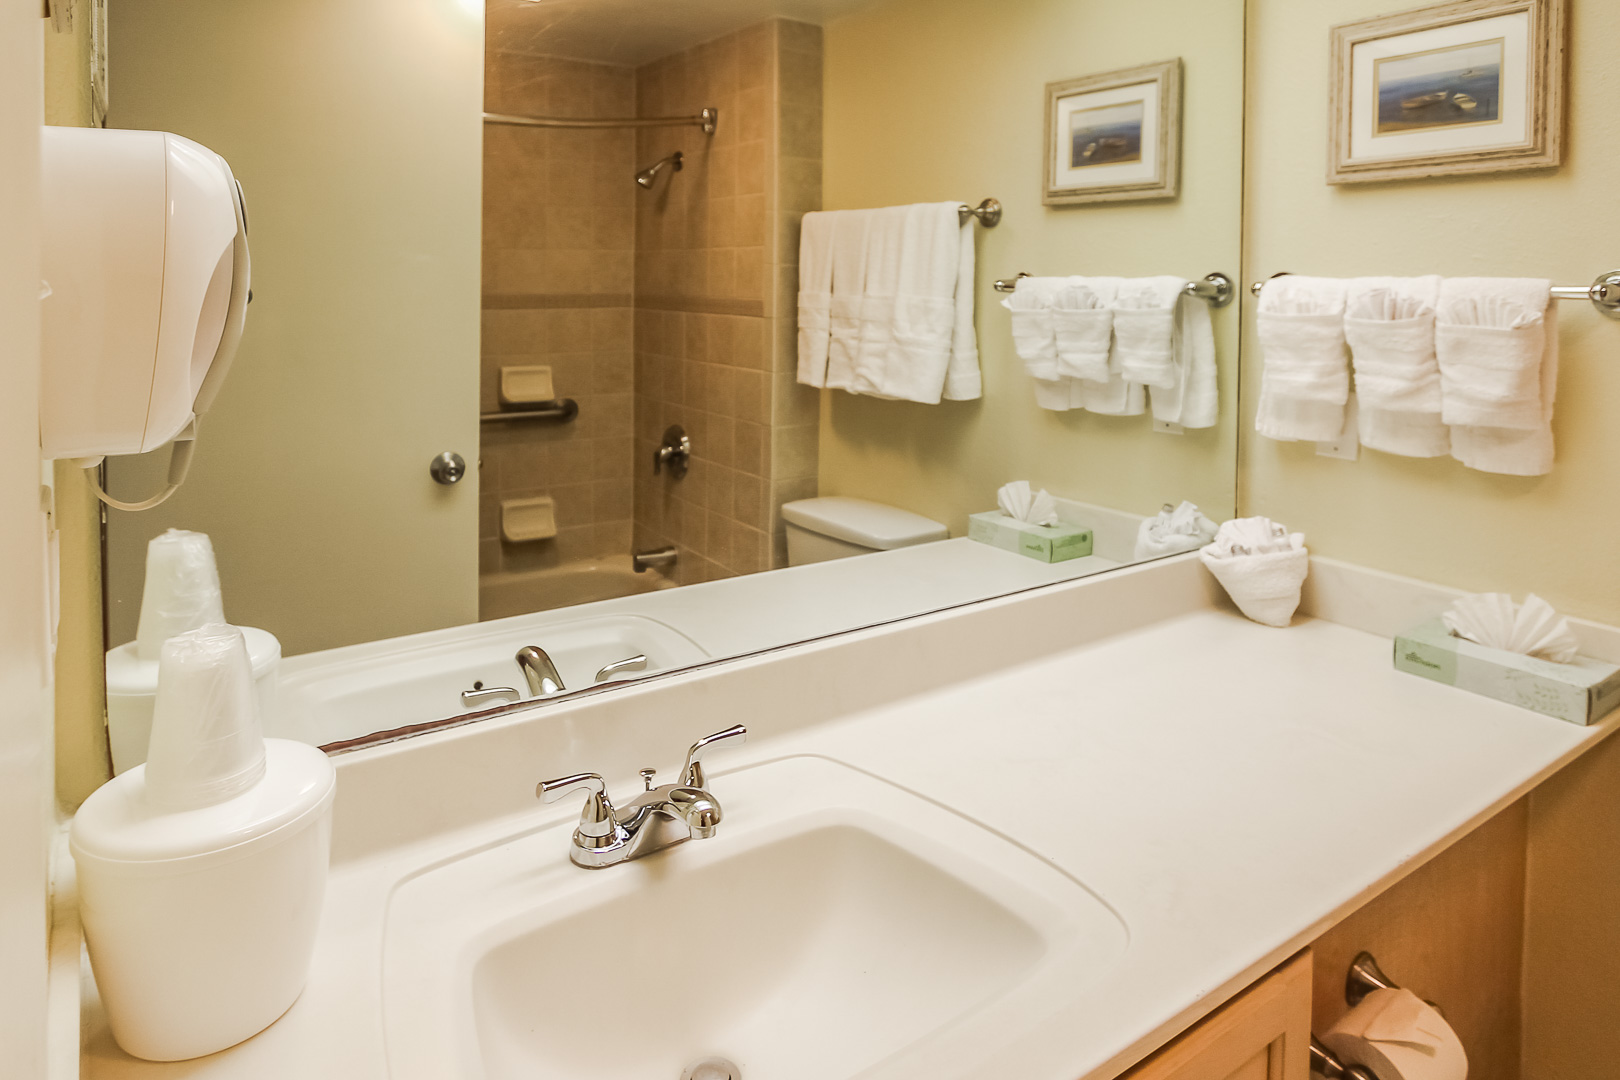 A crisp clean bathroom at VRI's Royale Beach and Tennis Club in Texas.